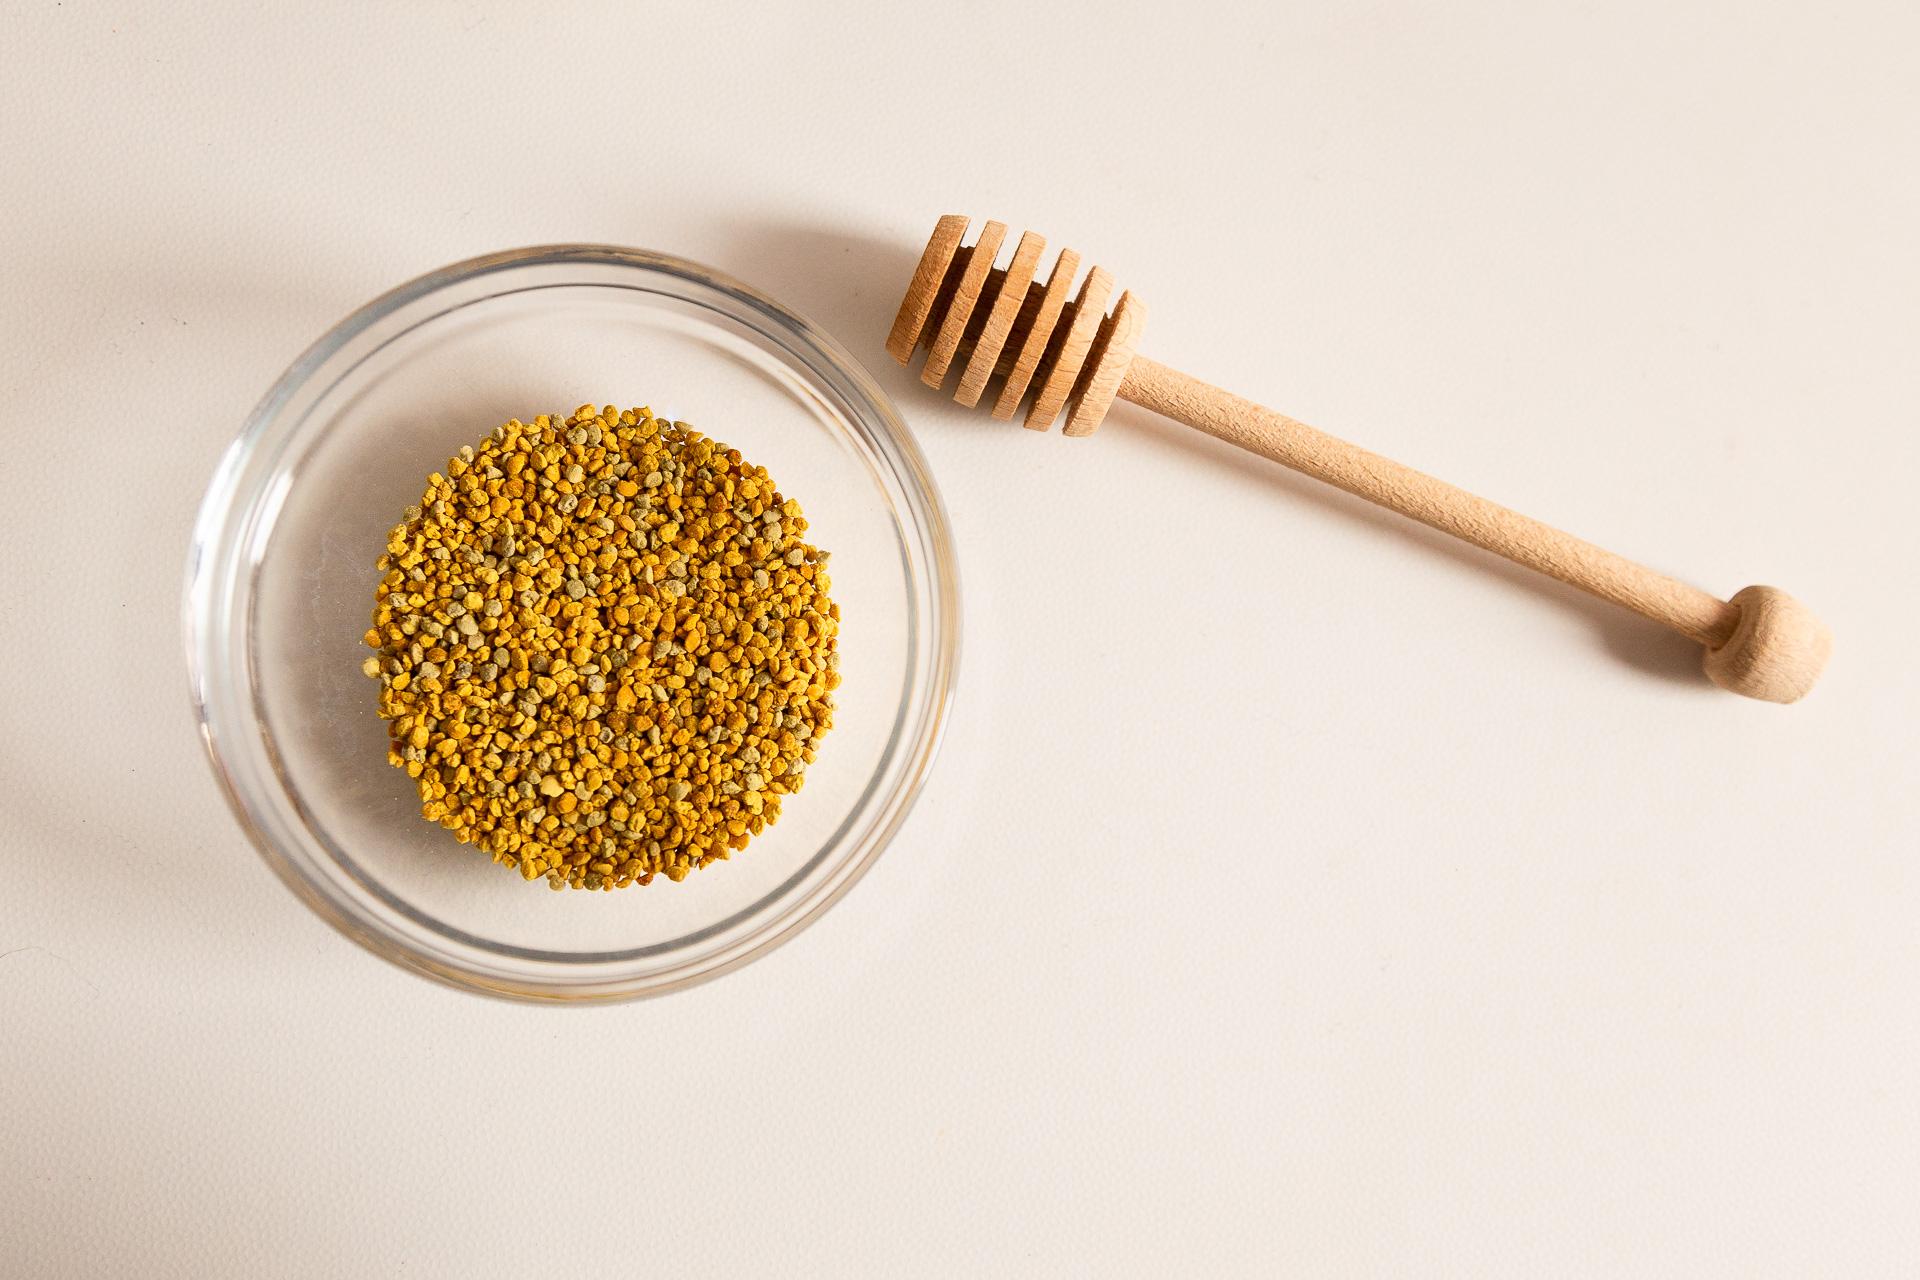 Il polline proposto da Apicoltura Martelli